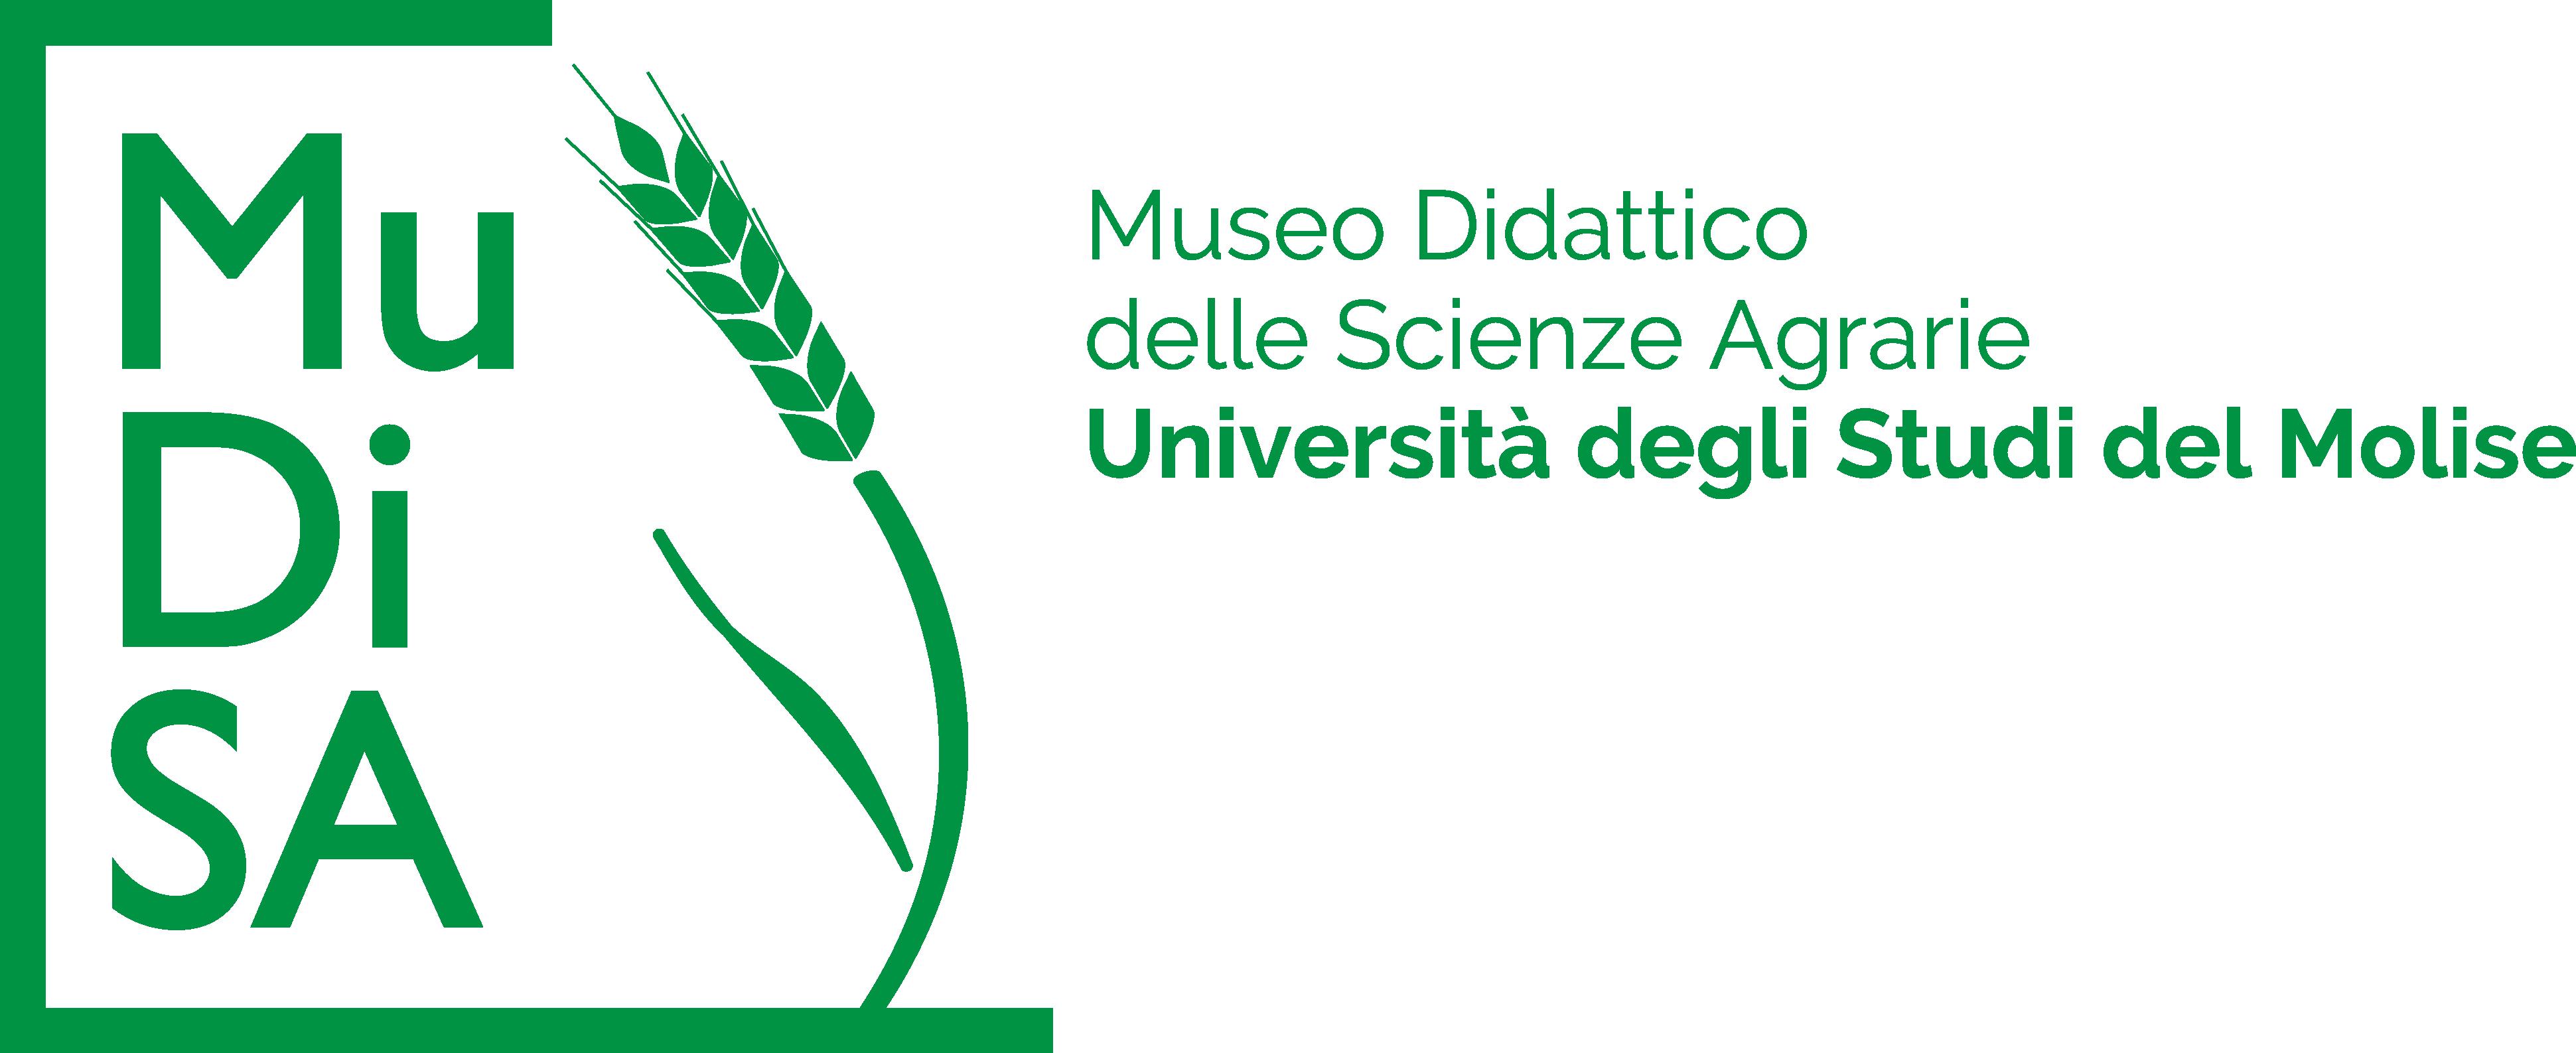 MUDiSA - Museo Didattico delle Scienze Agrarie